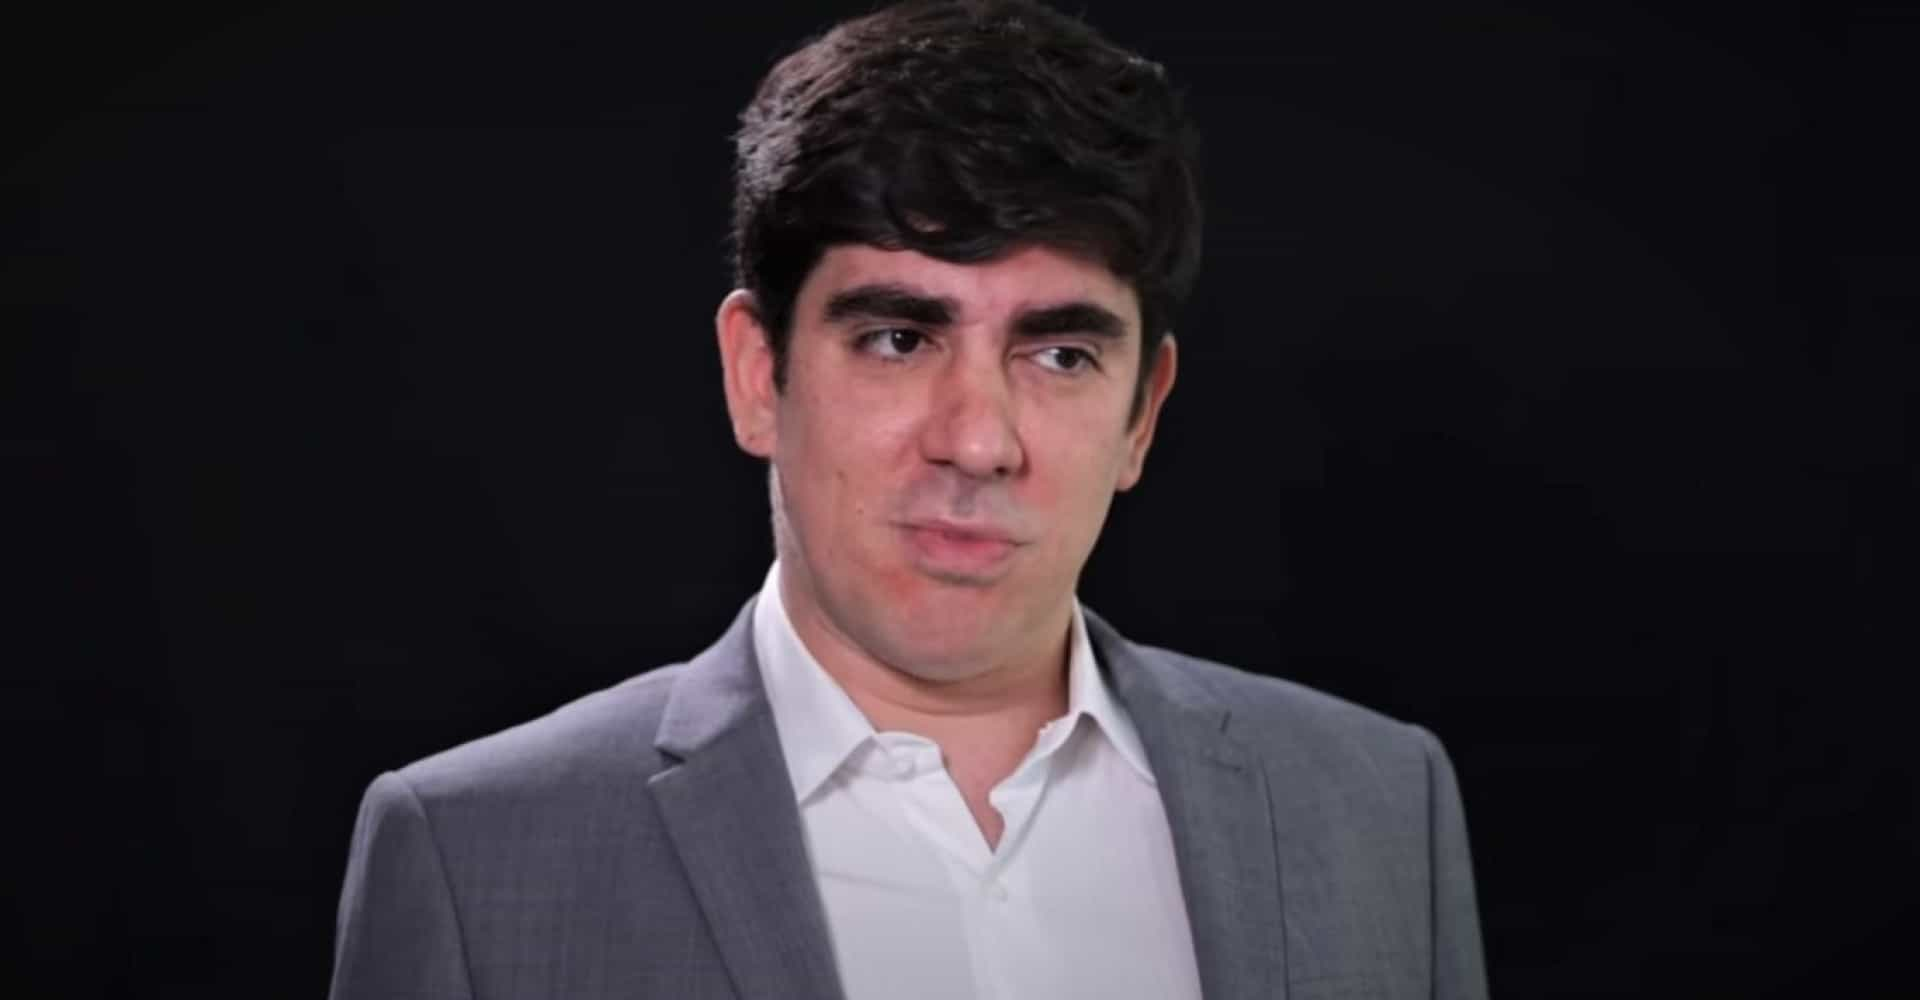 Fim do 'Tá no Ar' foi pedido de Marcelo Adnet para a Globo